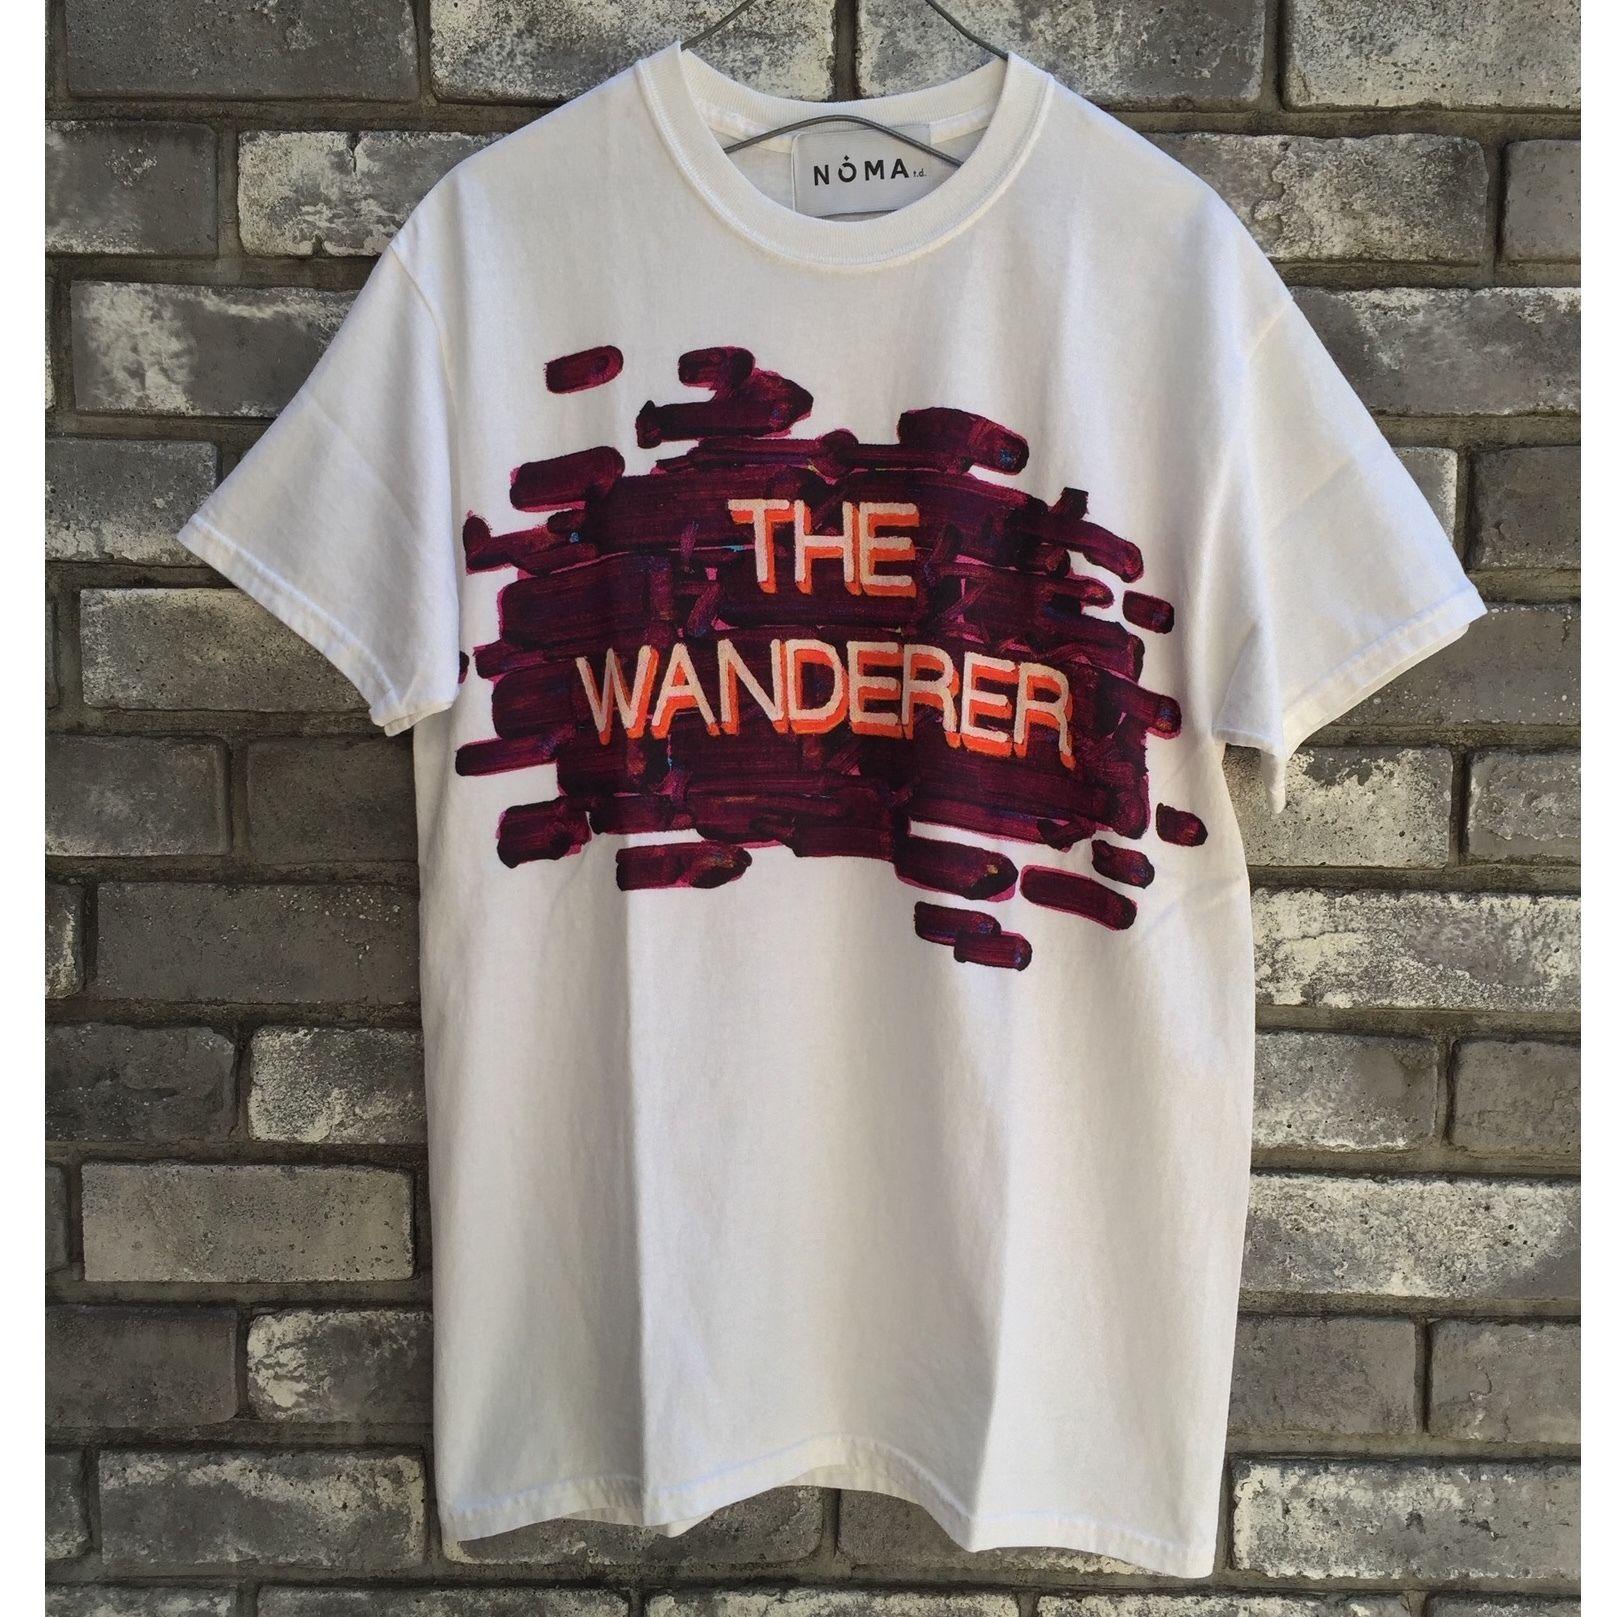 【NOMA t.d.】 Wanderer Tee ノーマティーディー 政田武史